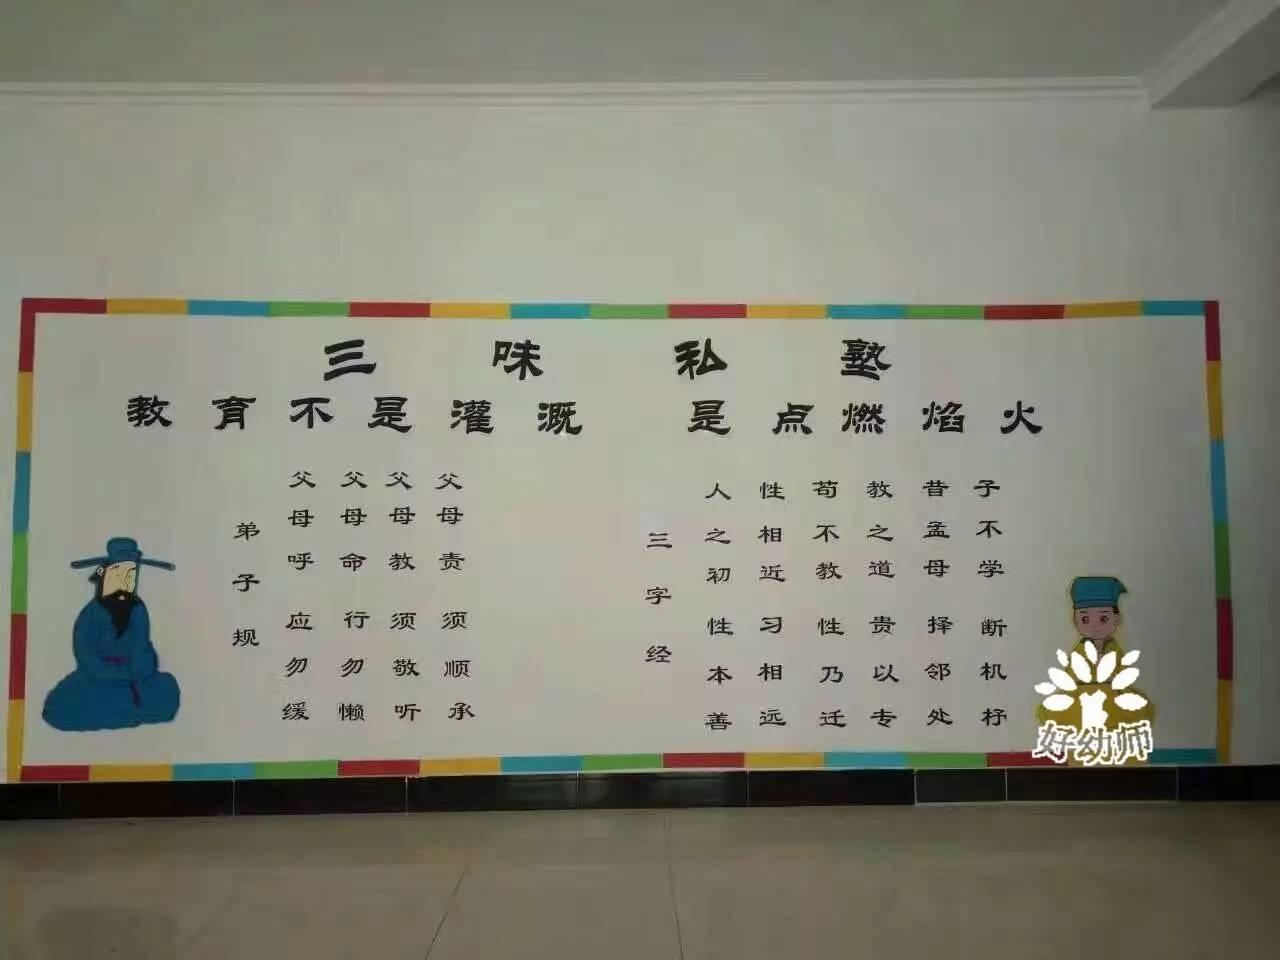 元素一:《三字经》 环境就像一位不会说话的老师,中国风,民族风和国学